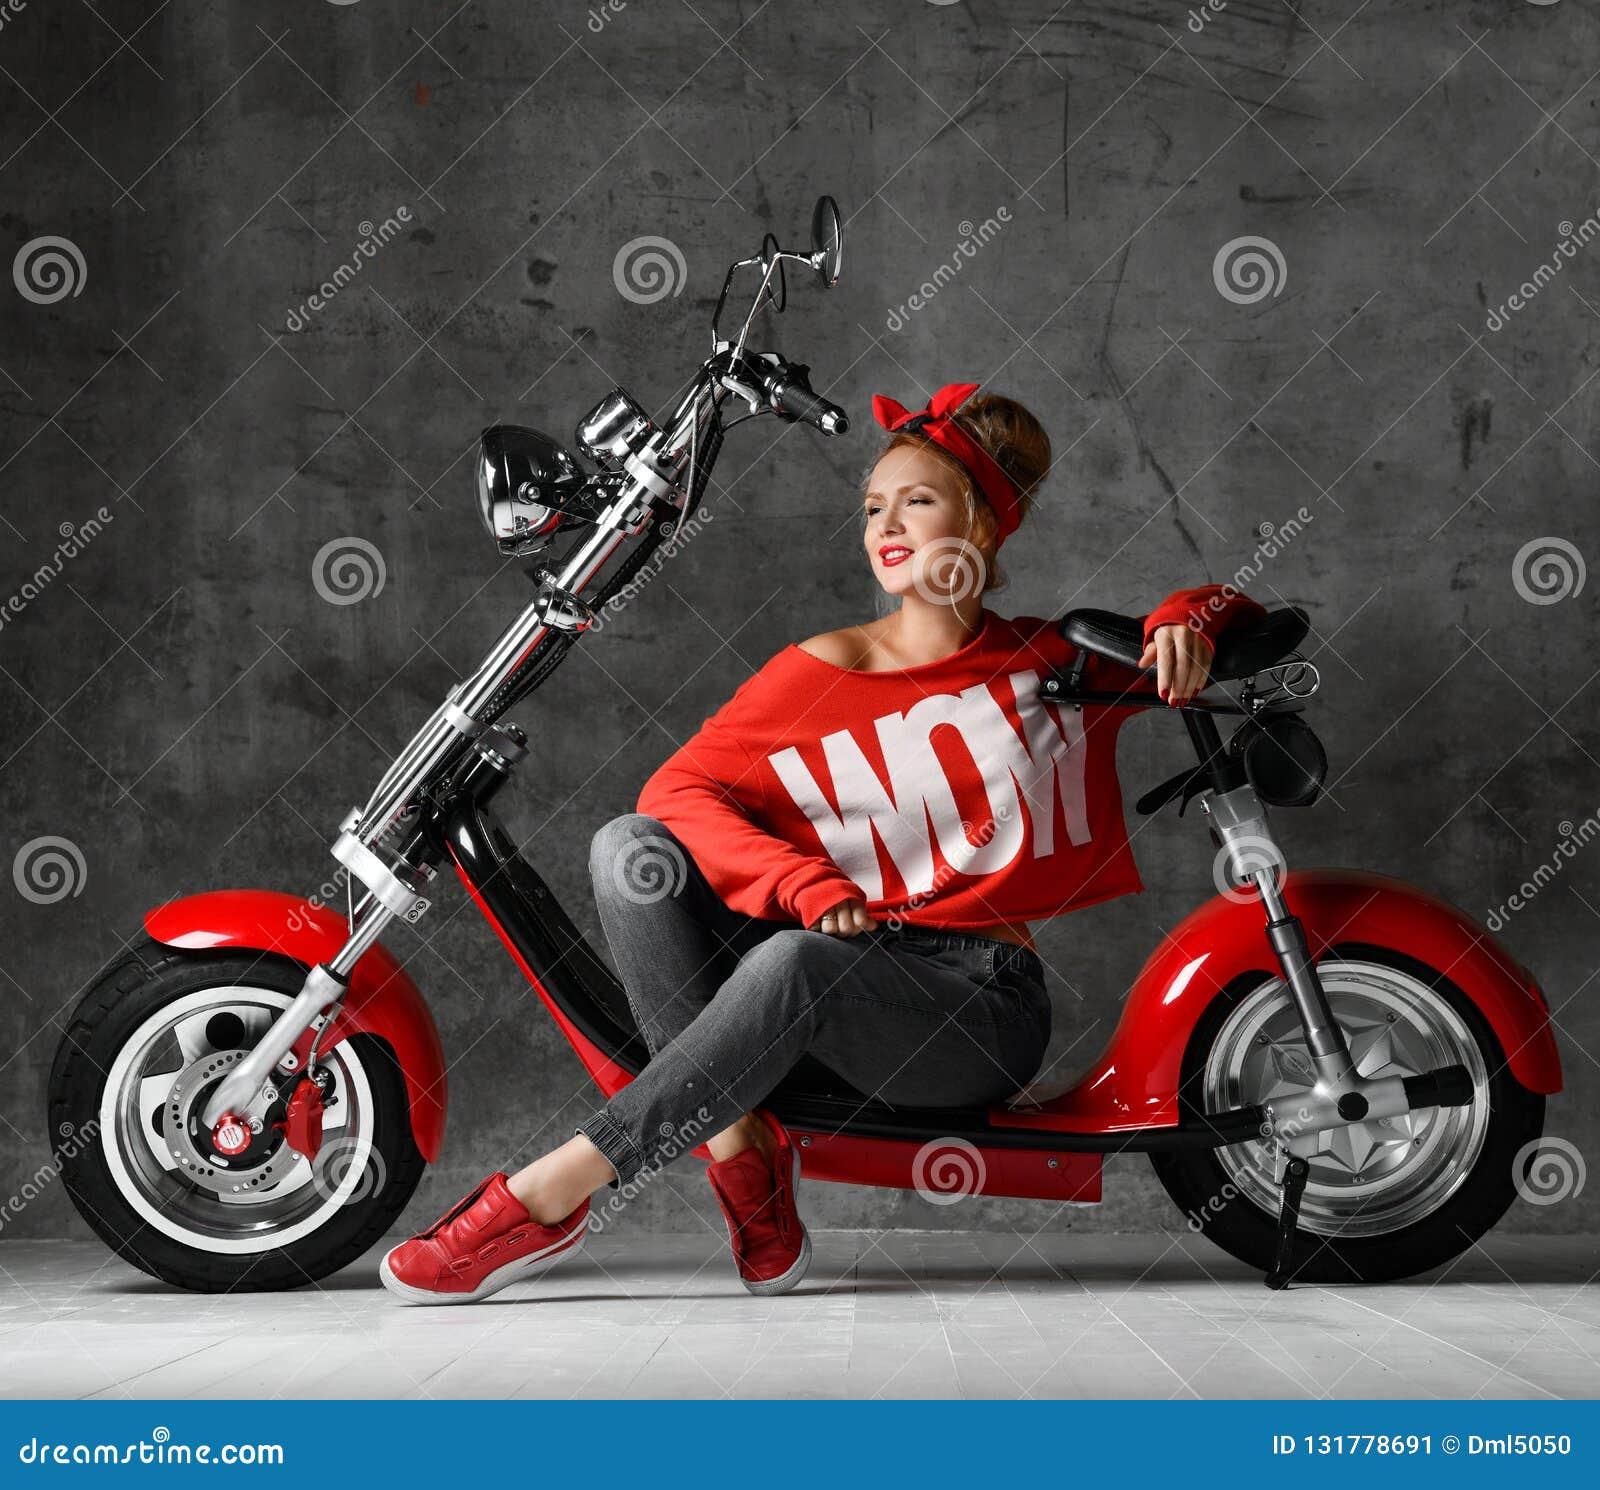 Kobiety obsiadanie na motocykl rowerowej hulajnogi pinup retro stylu w czerwonej bluzce i cajgach